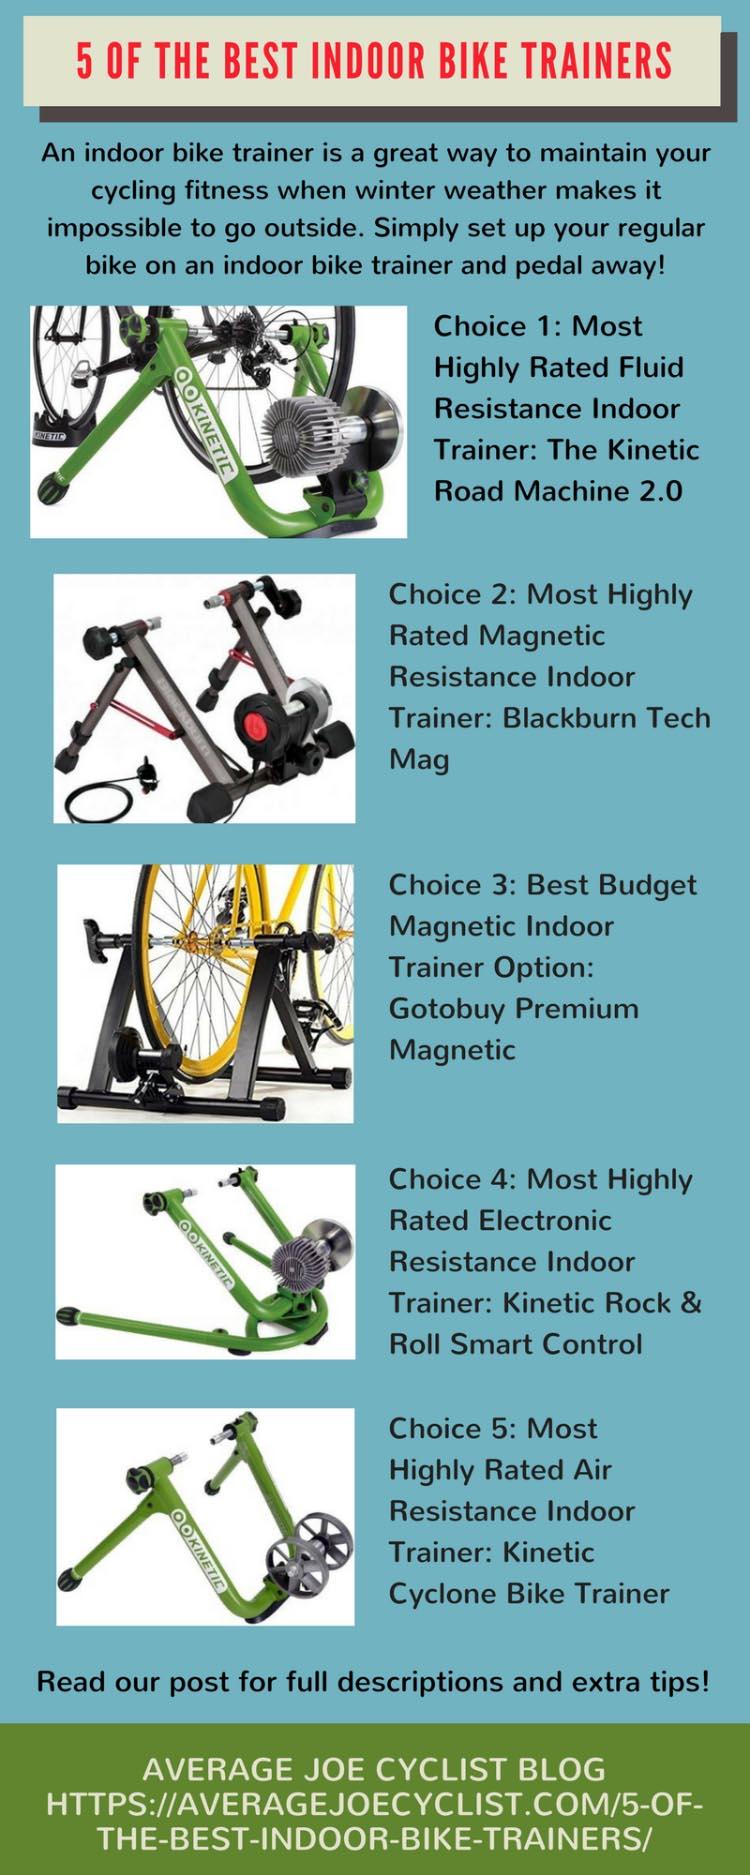 5 of the best indoor bike trainers